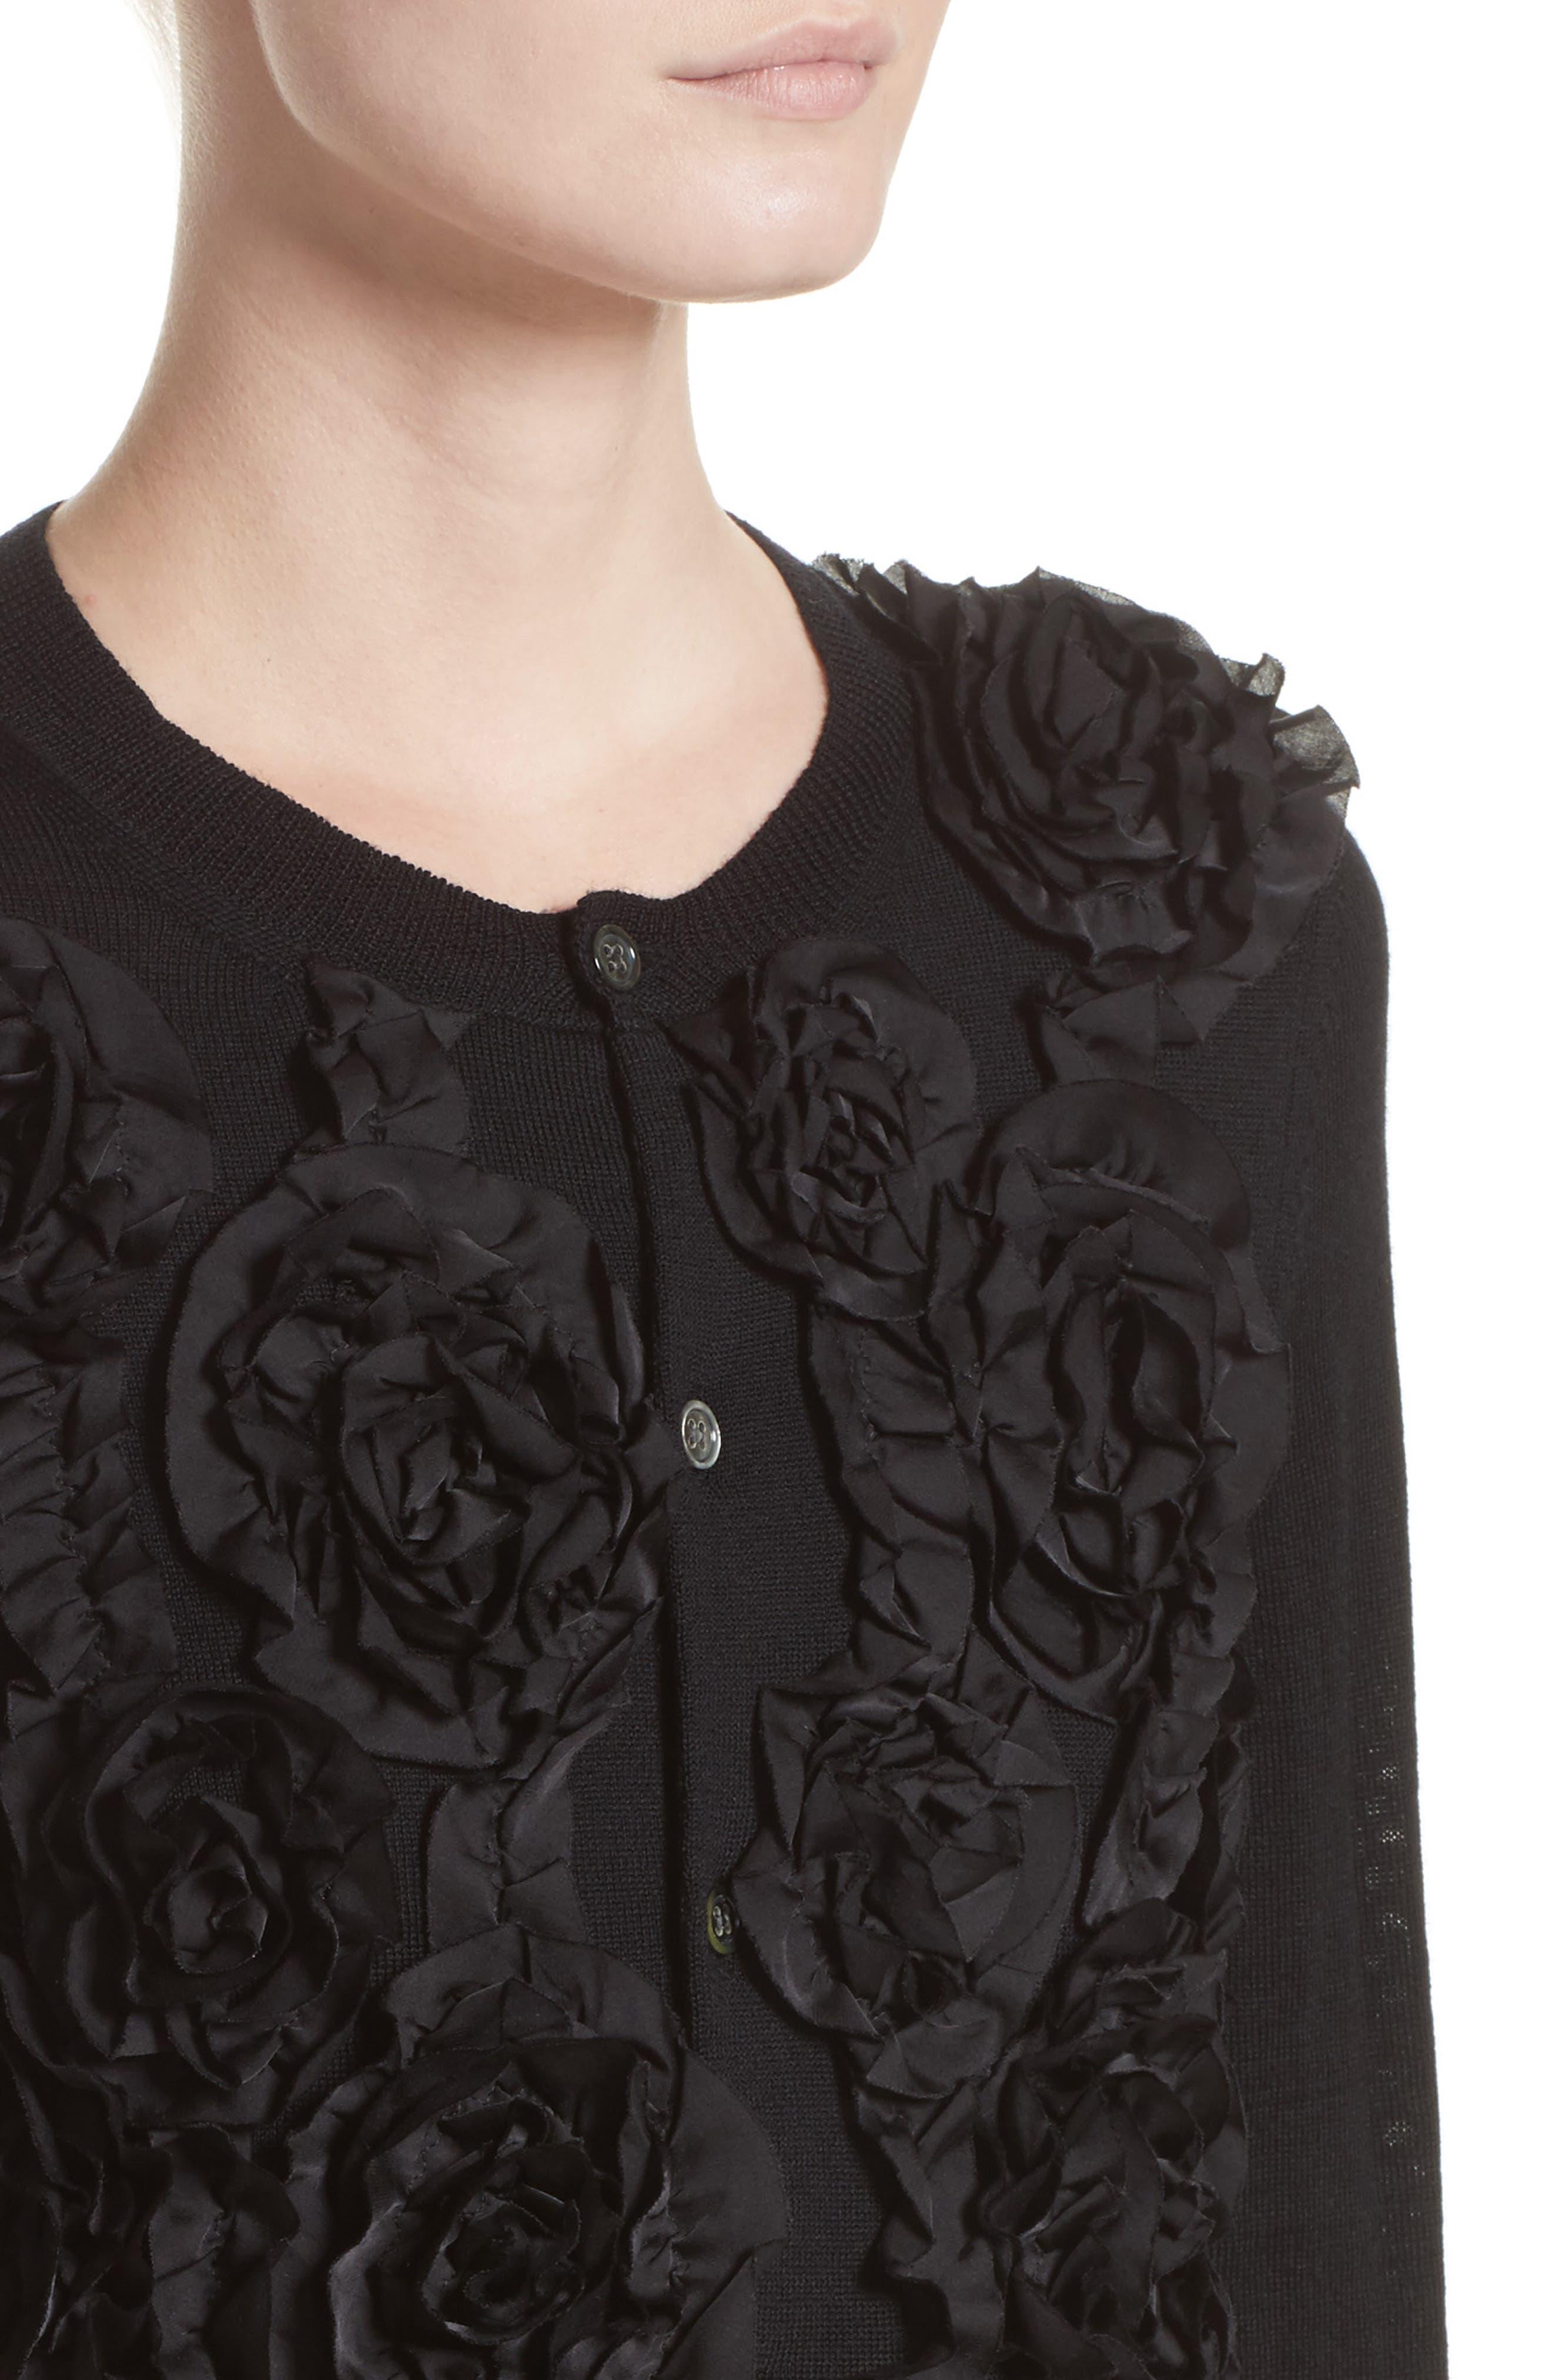 Floral Appliqué Button Cardigan,                             Alternate thumbnail 4, color,                             Black